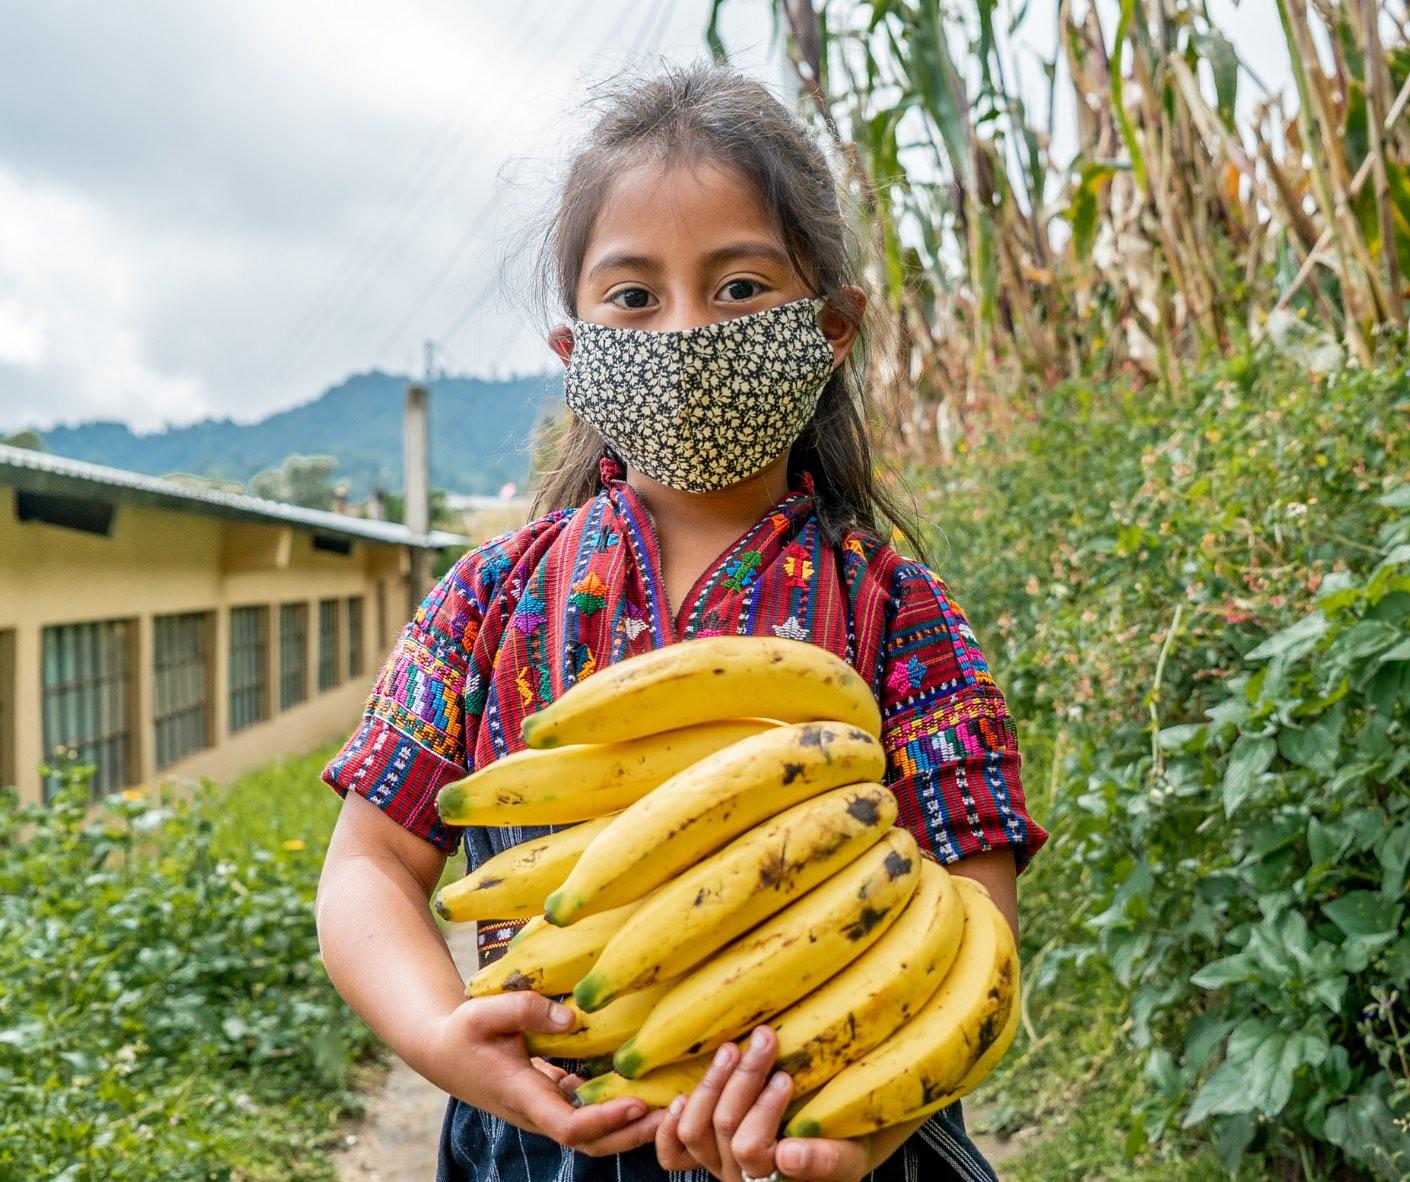 Guatemalan girl in mask holding bananas